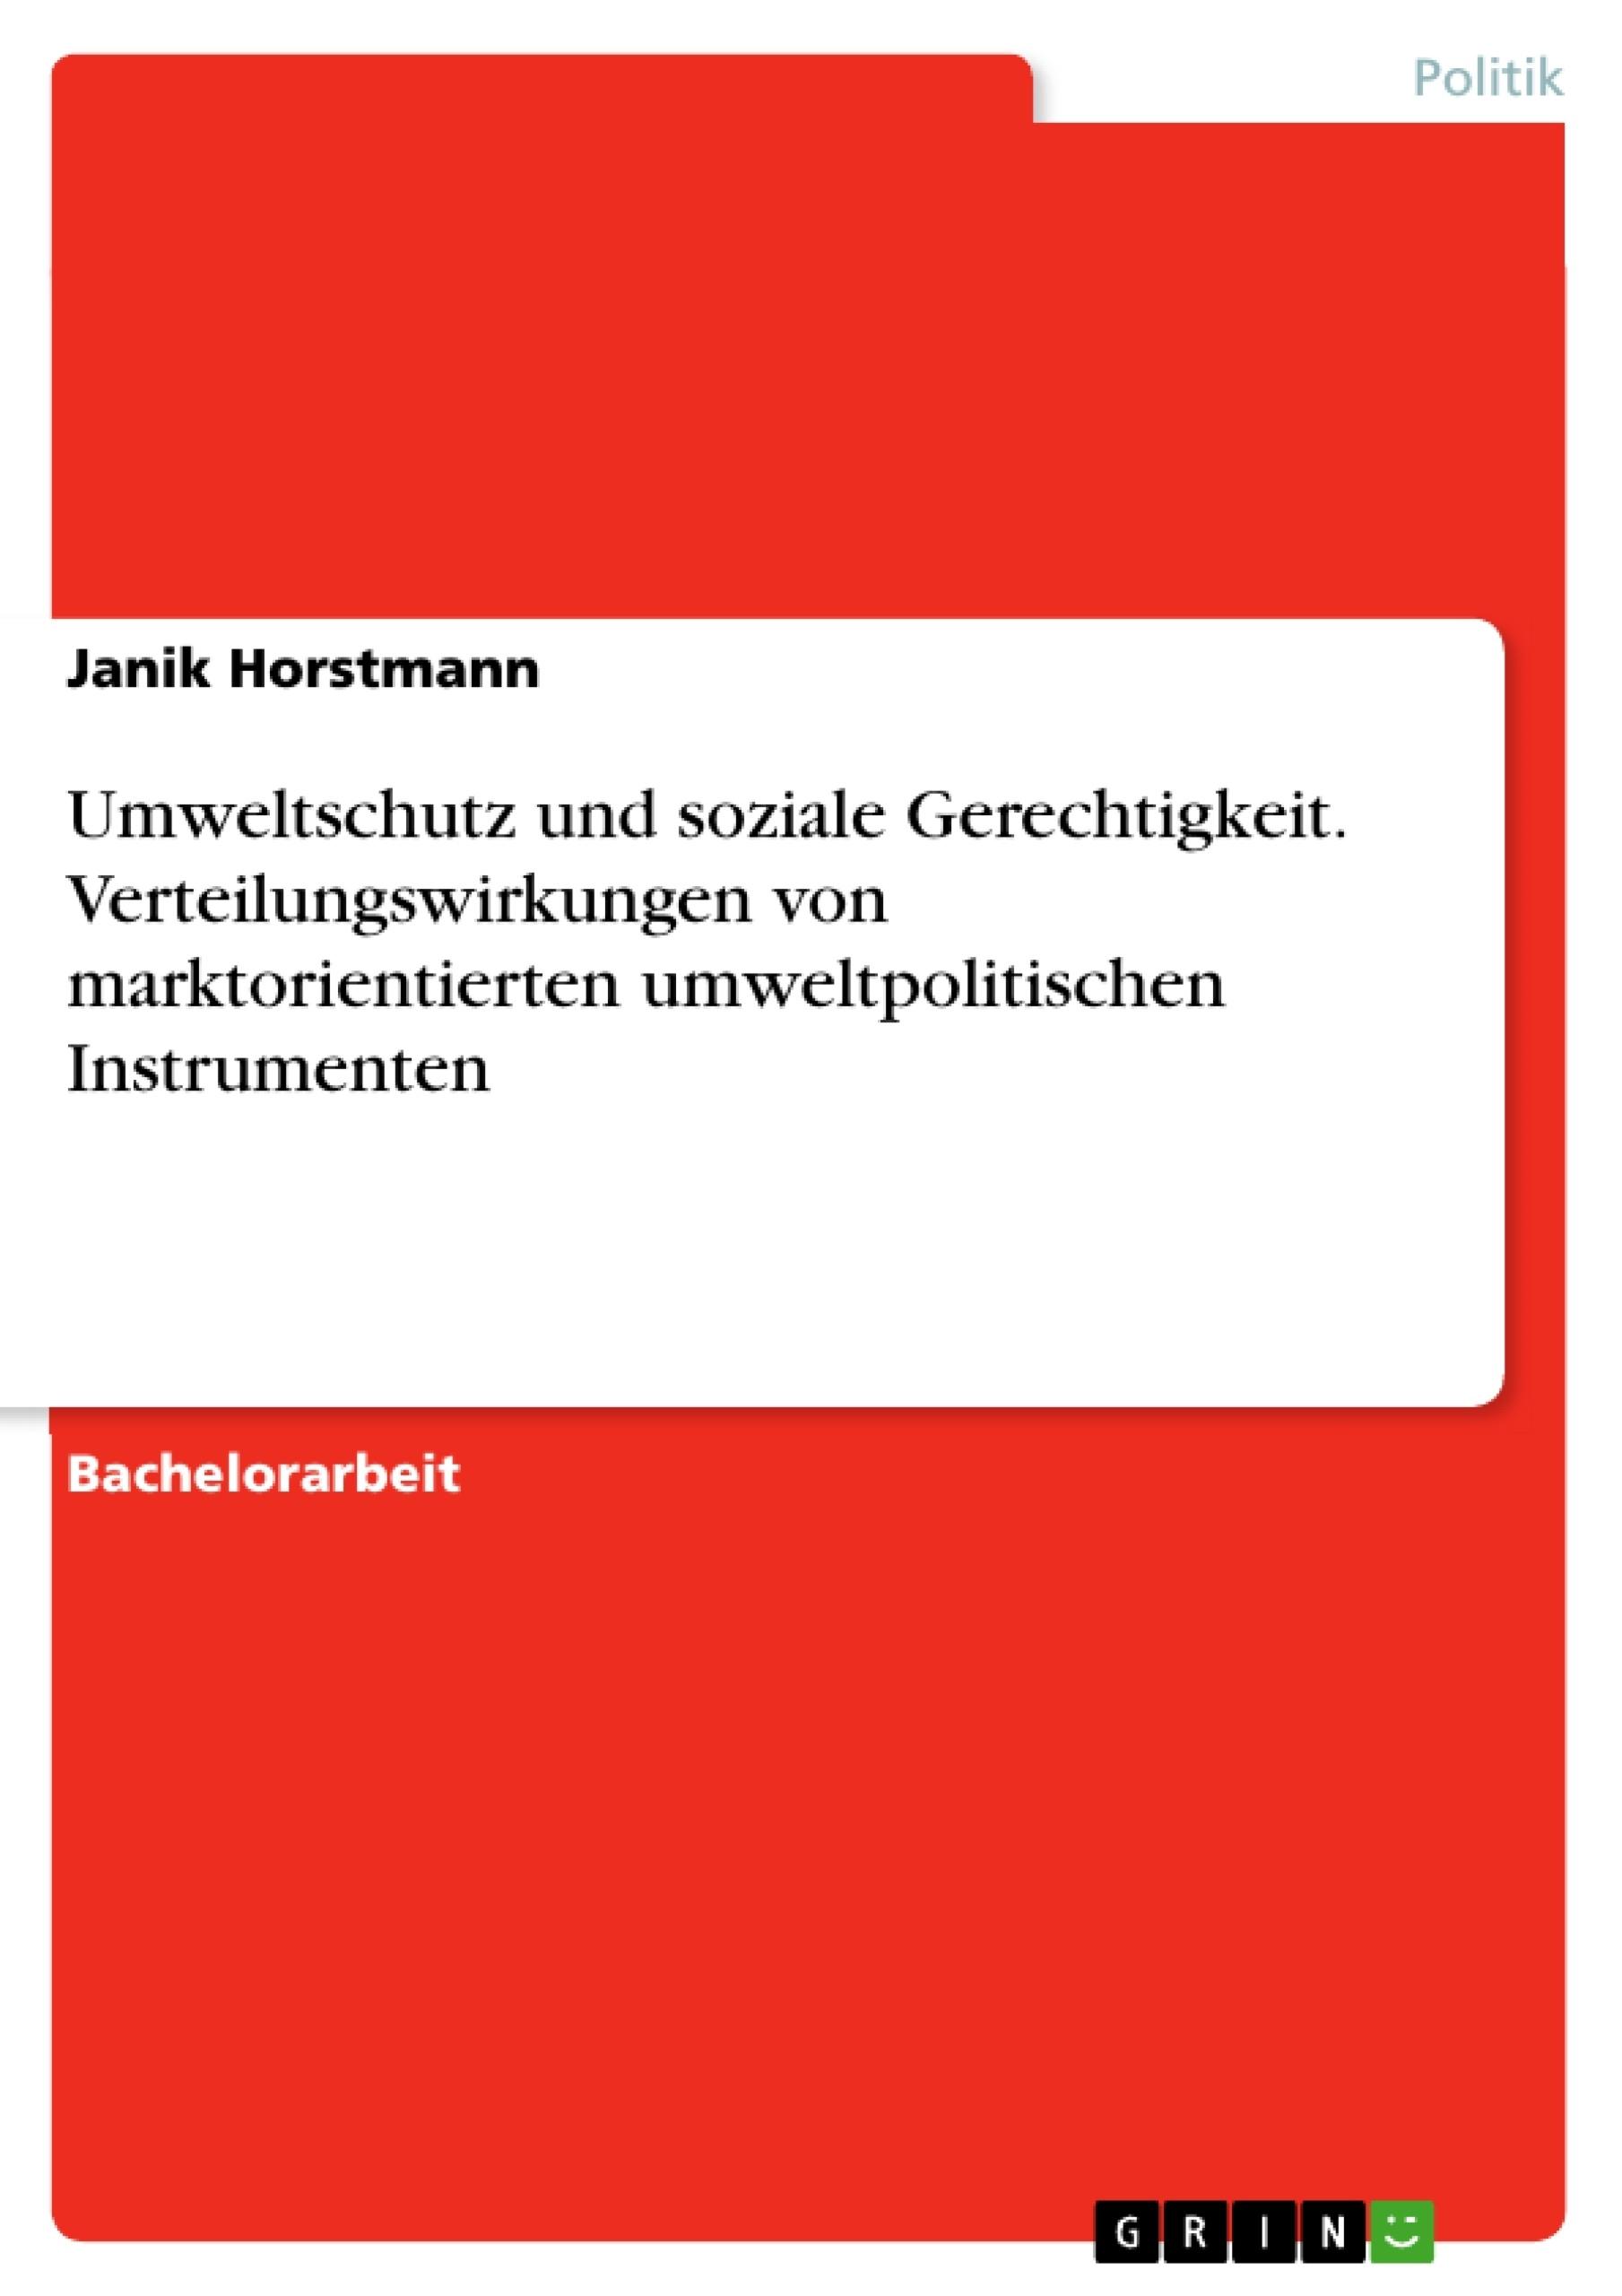 Titel: Umweltschutz und soziale Gerechtigkeit. Verteilungswirkungen von marktorientierten umweltpolitischen Instrumenten